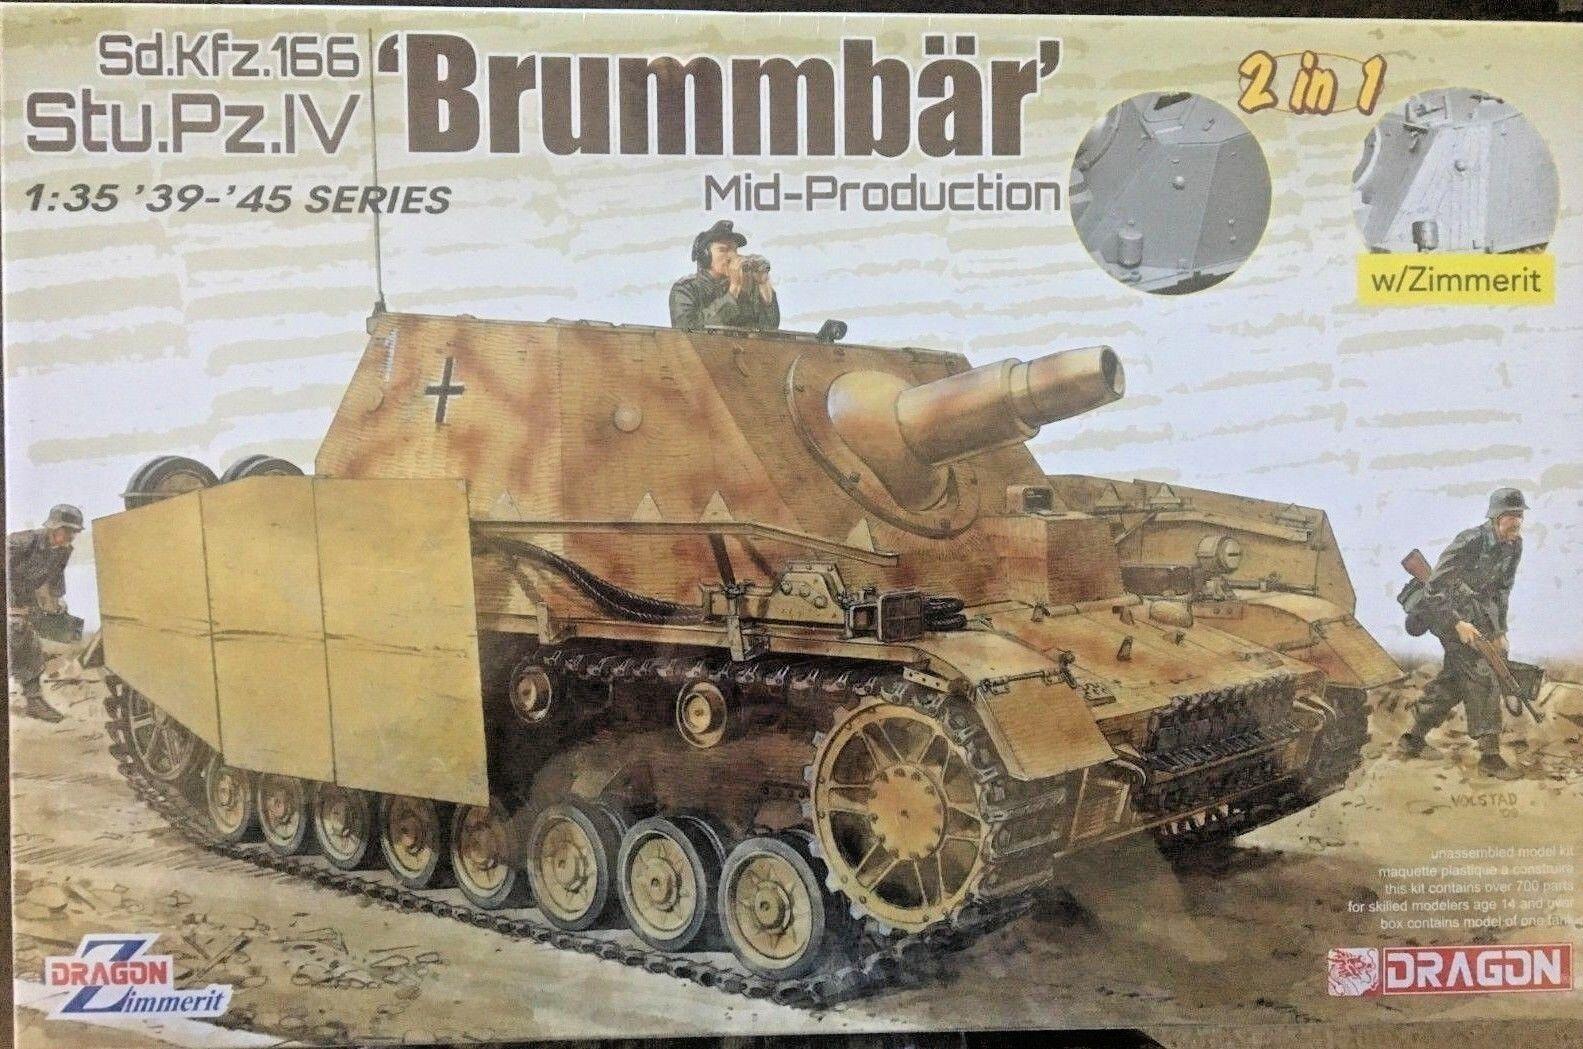 1 35 German Stu.Pz. IV BRUMMBÄR Brummbar w  Zimmerit 2-in-1  NEW Dragon